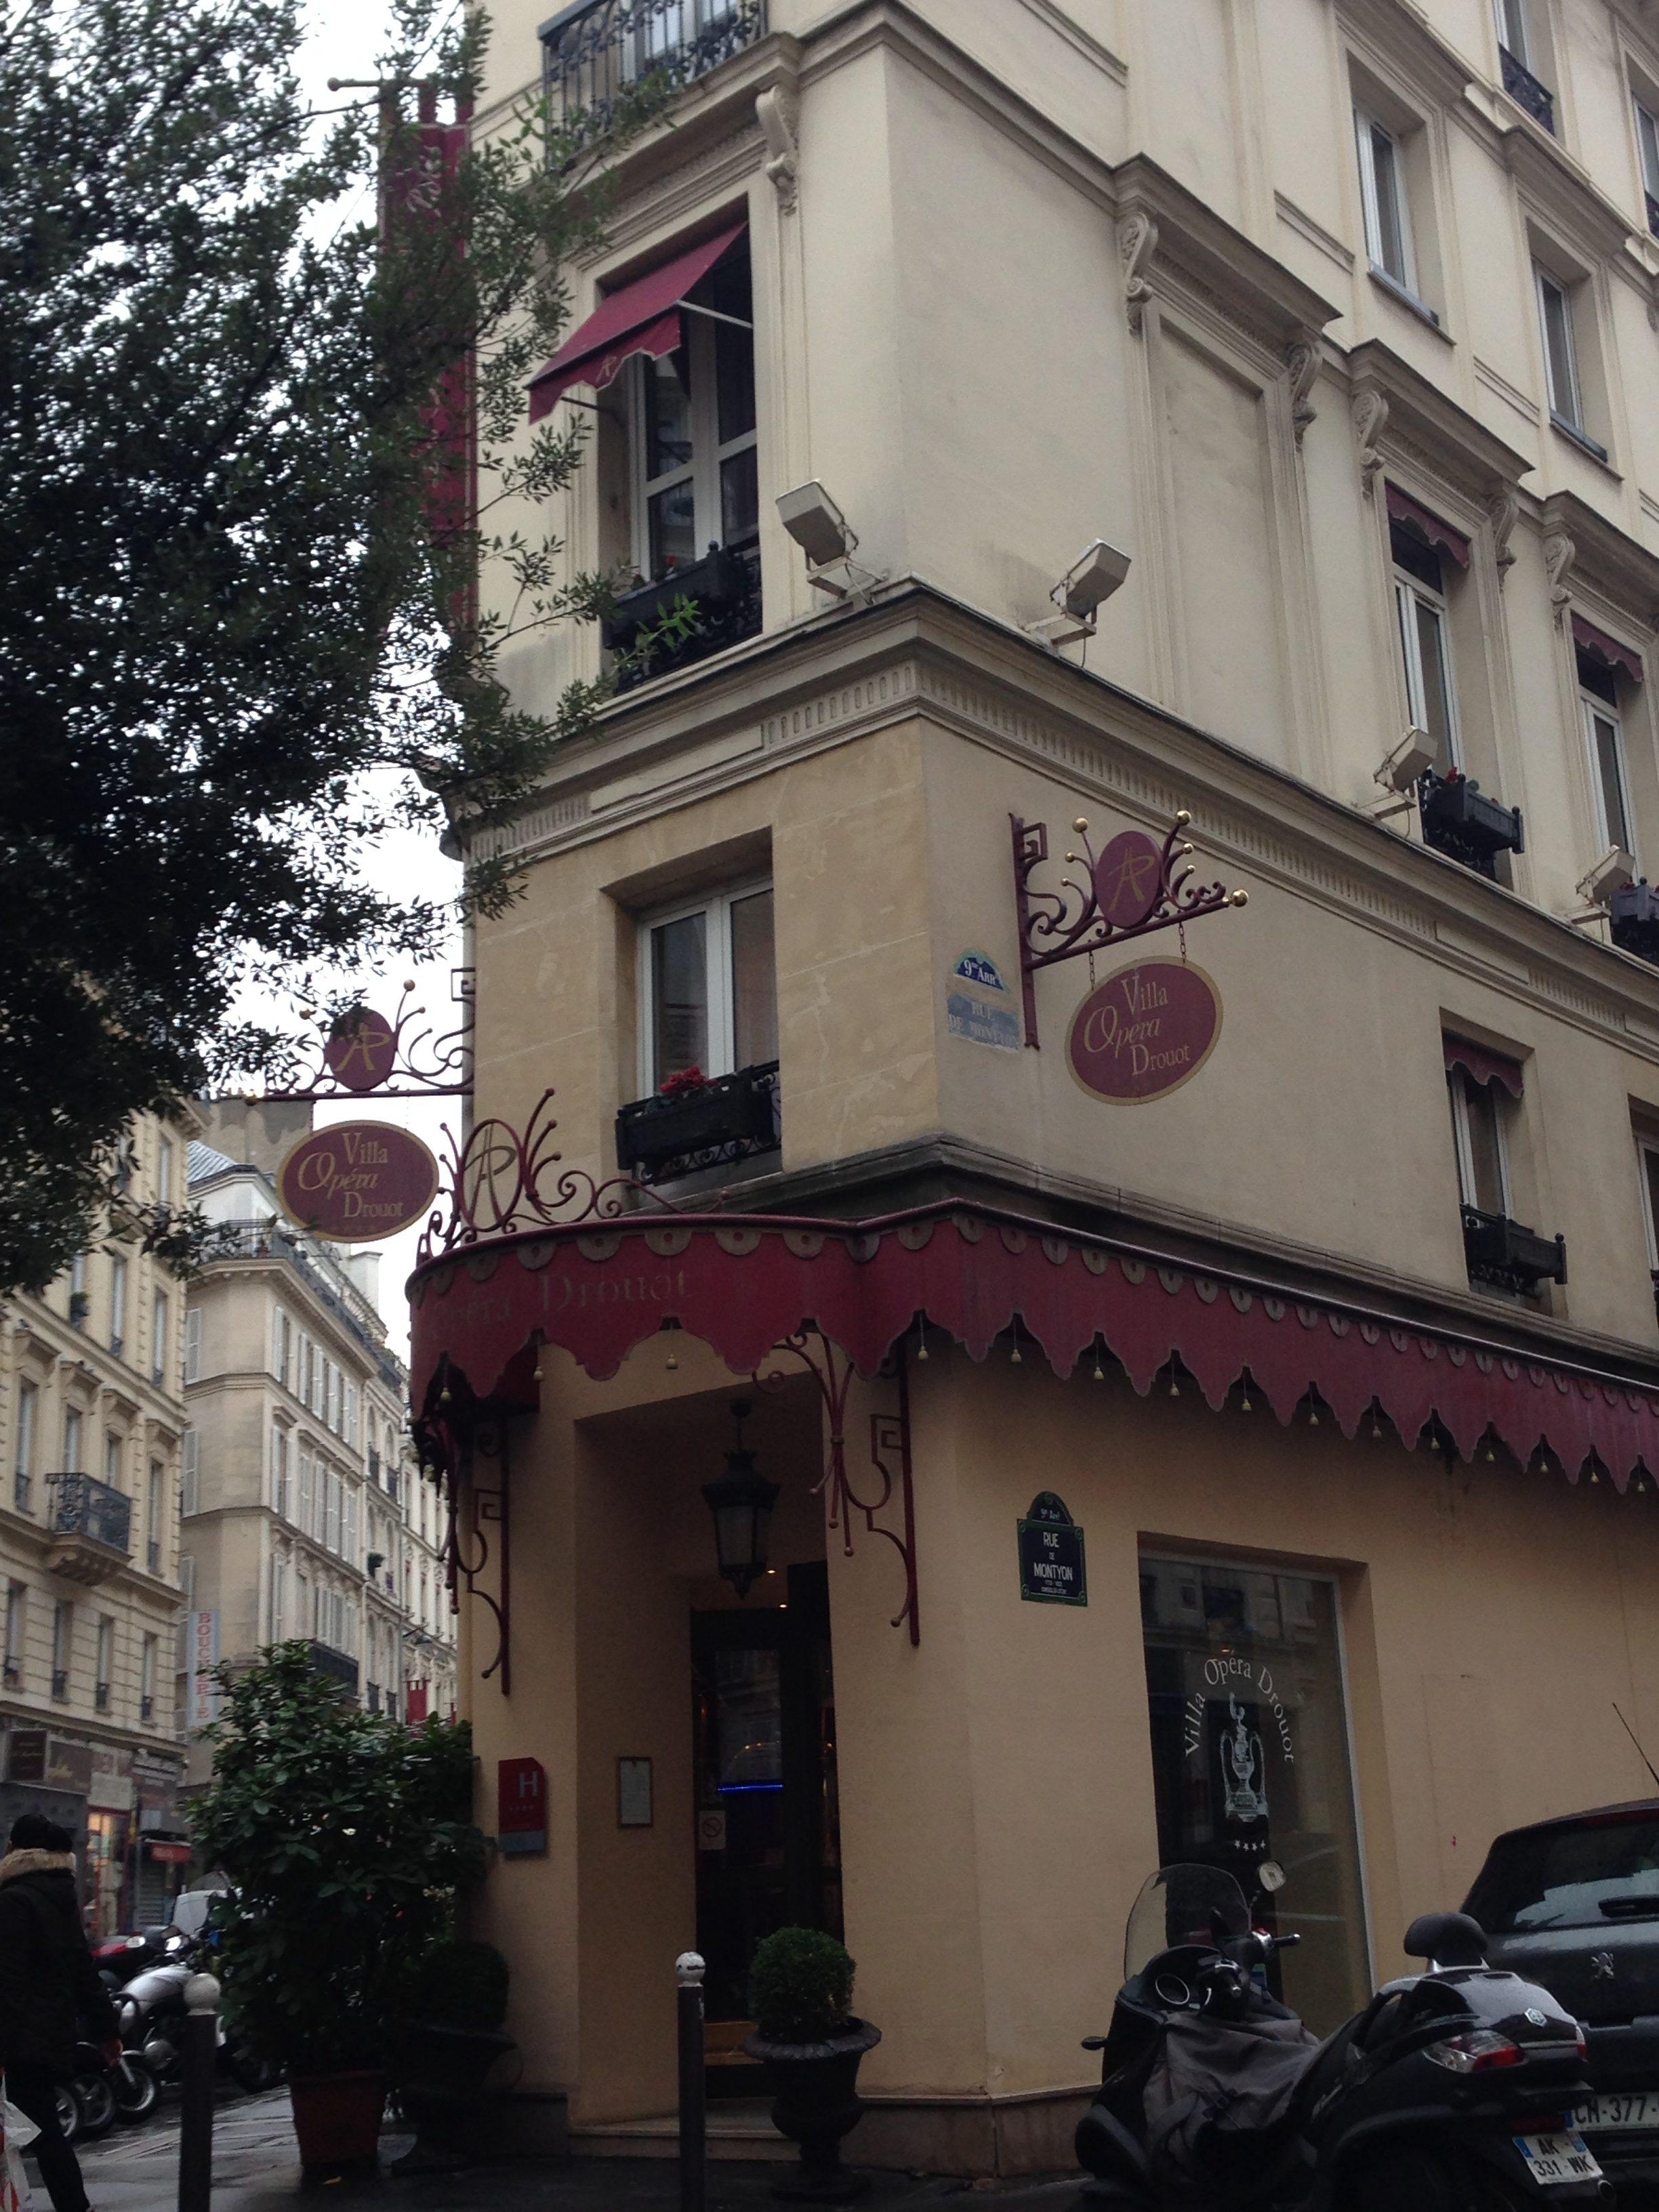 Hotell Opera Villa Drouot som ligger i arrondissement 2 inte långt från Opera Garnier